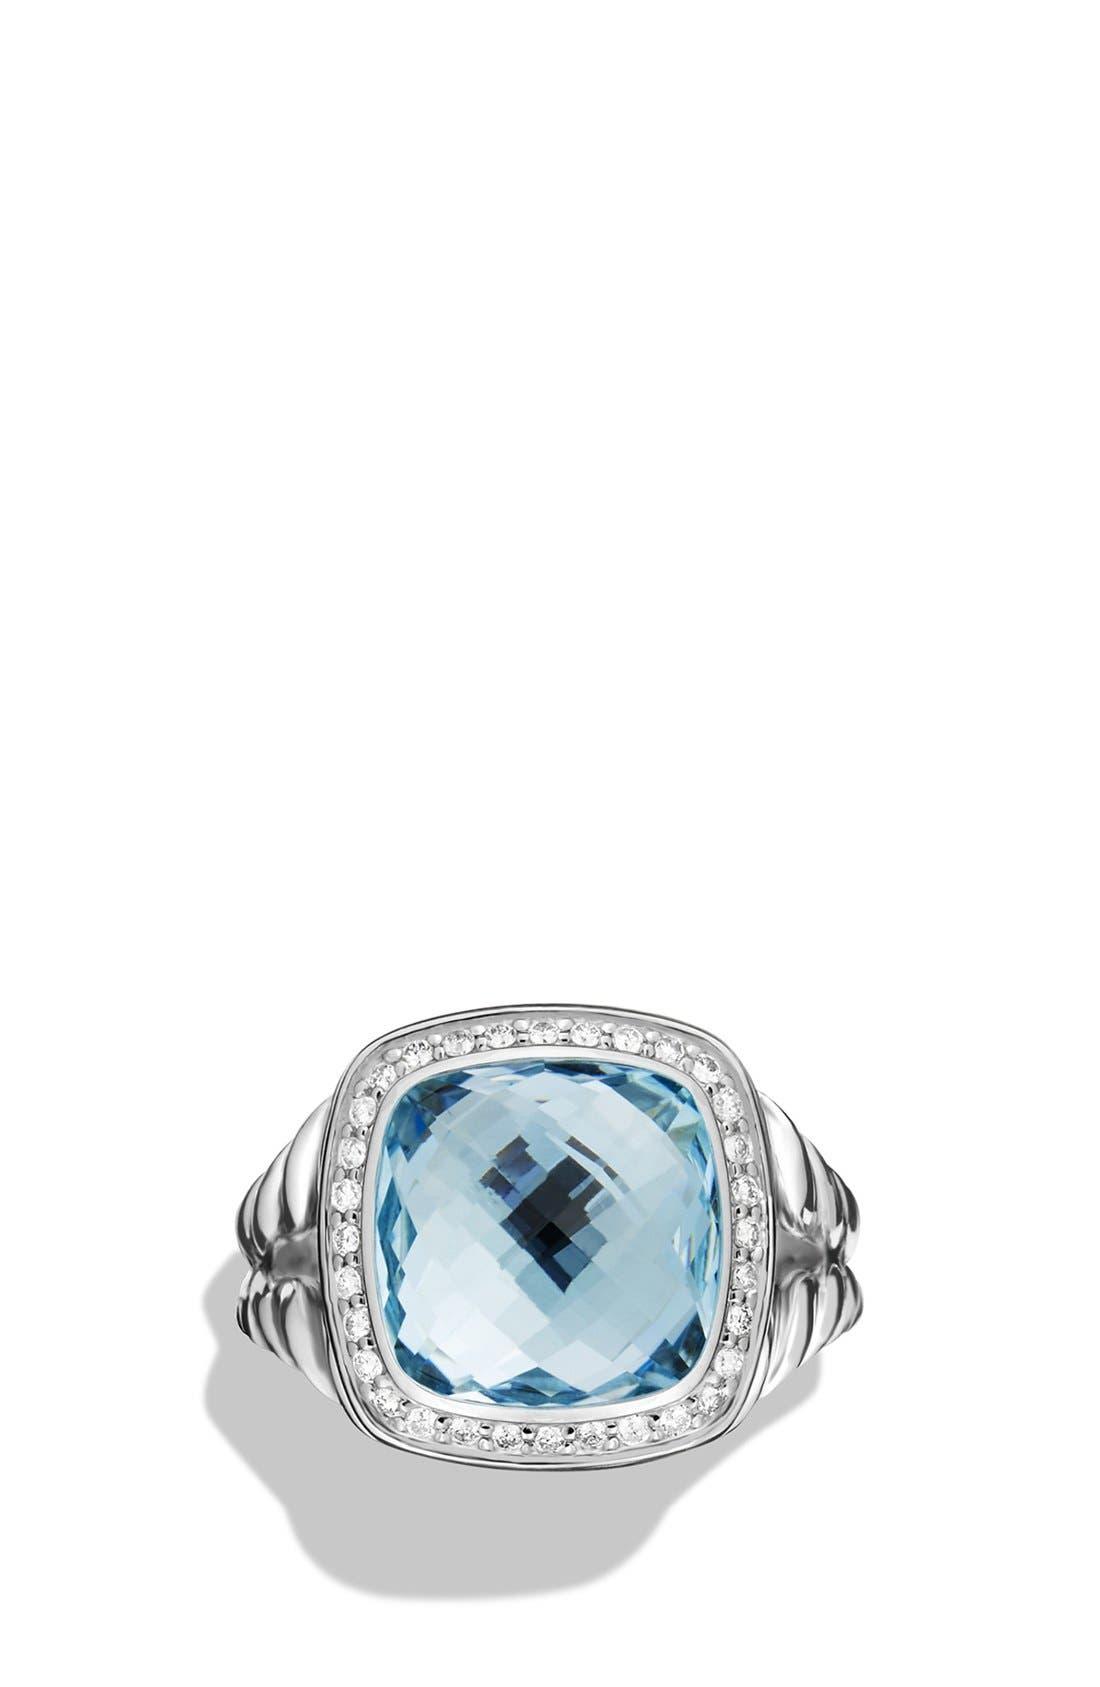 Alternate Image 3  - David Yurman'Albion' Ring with Semiprecious Stone and Diamonds